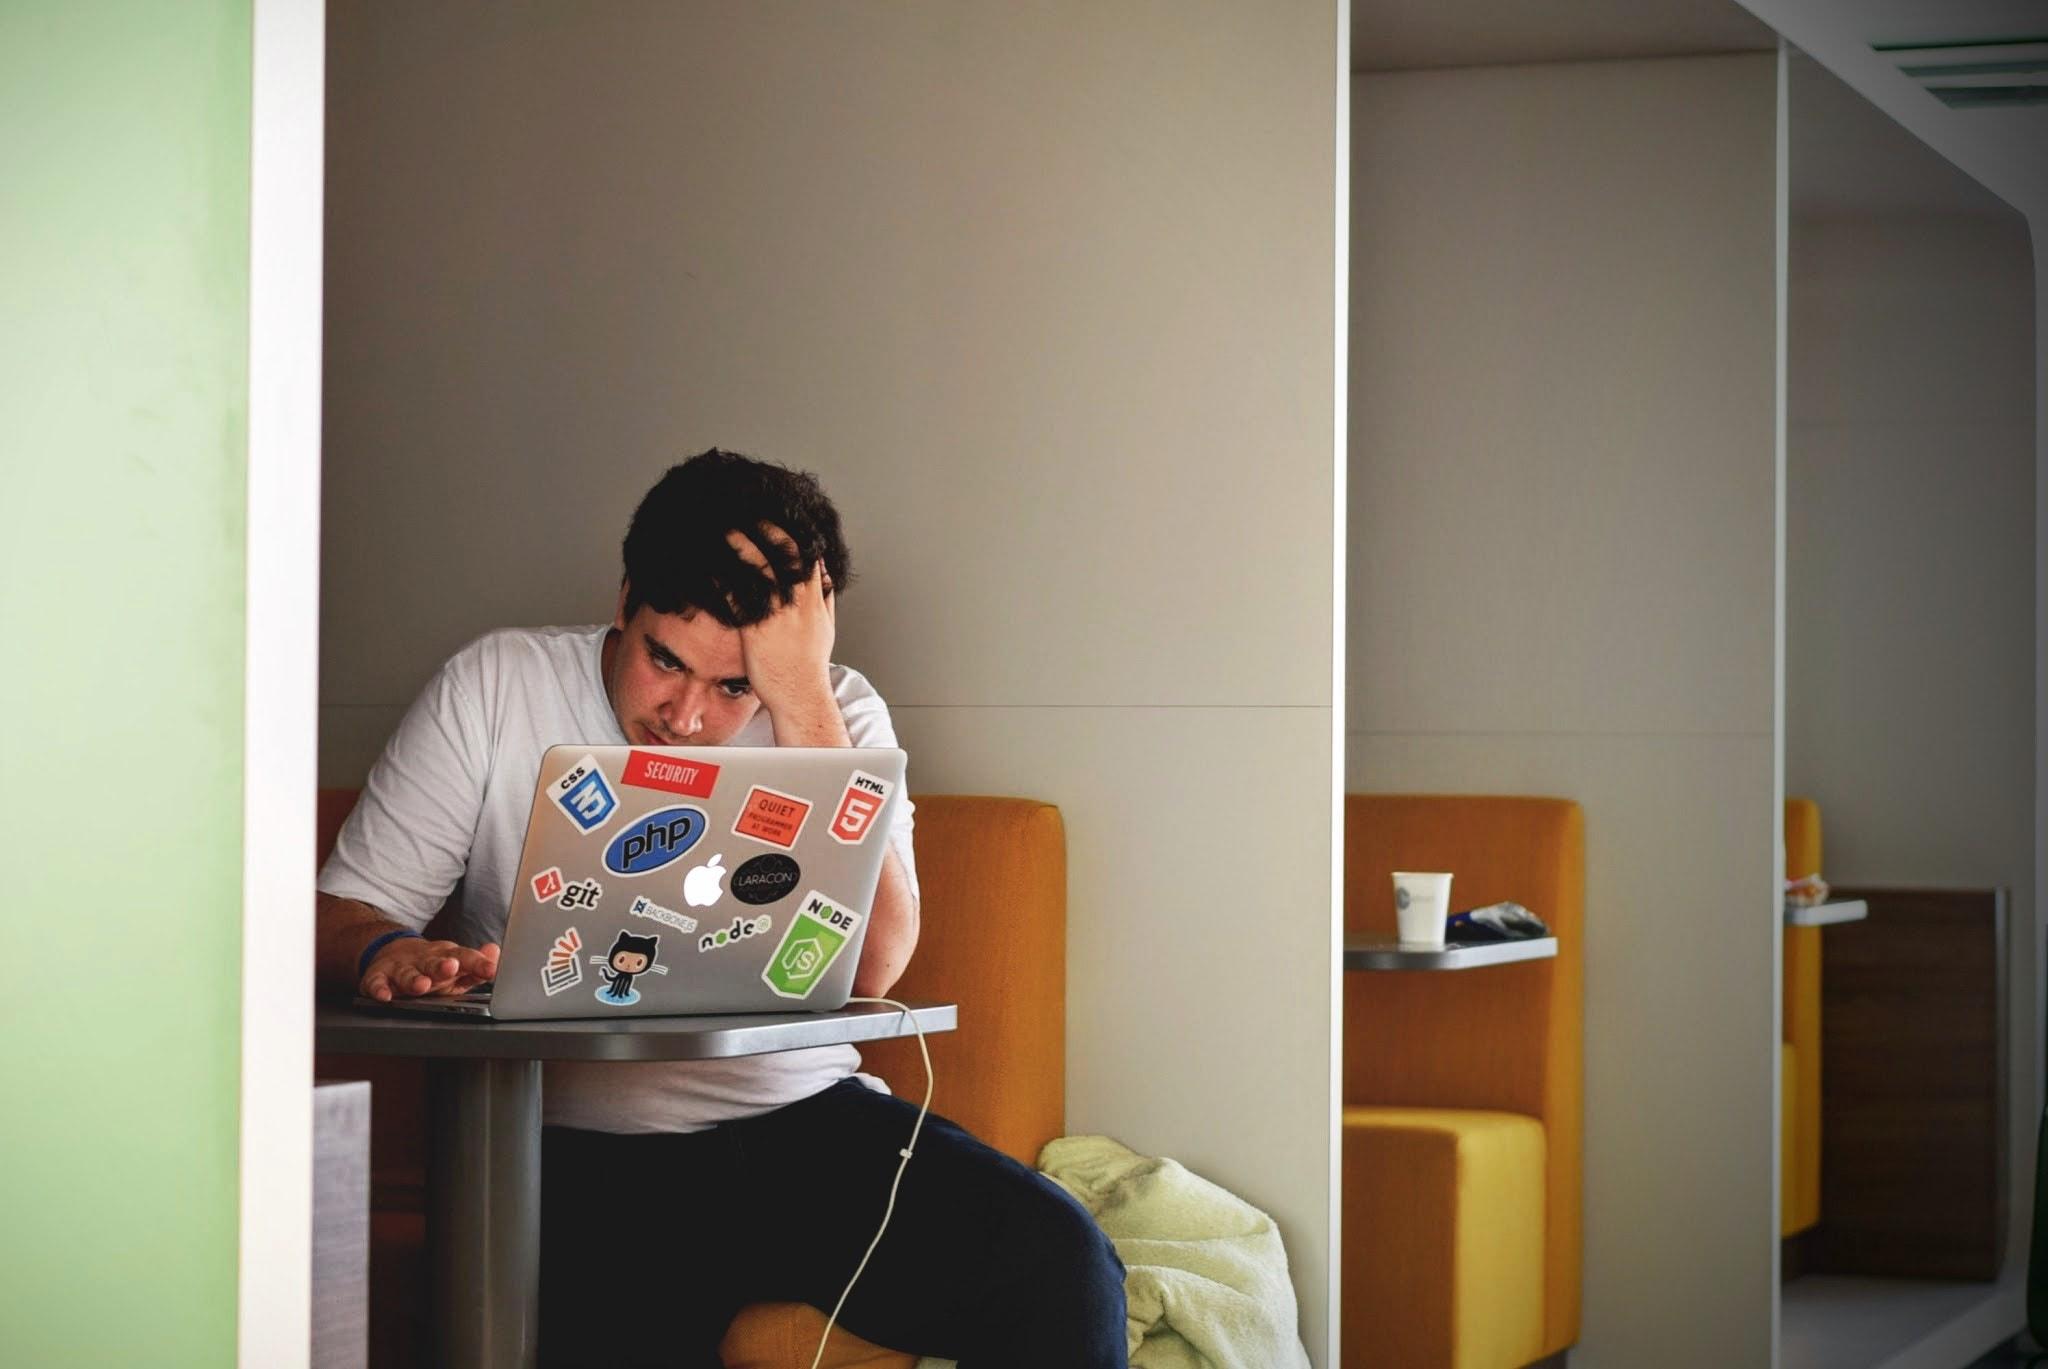 איך תמצאו עבודה חדשה בהייטק לאחר שפוטרתם ממקום העבודה הקודם?